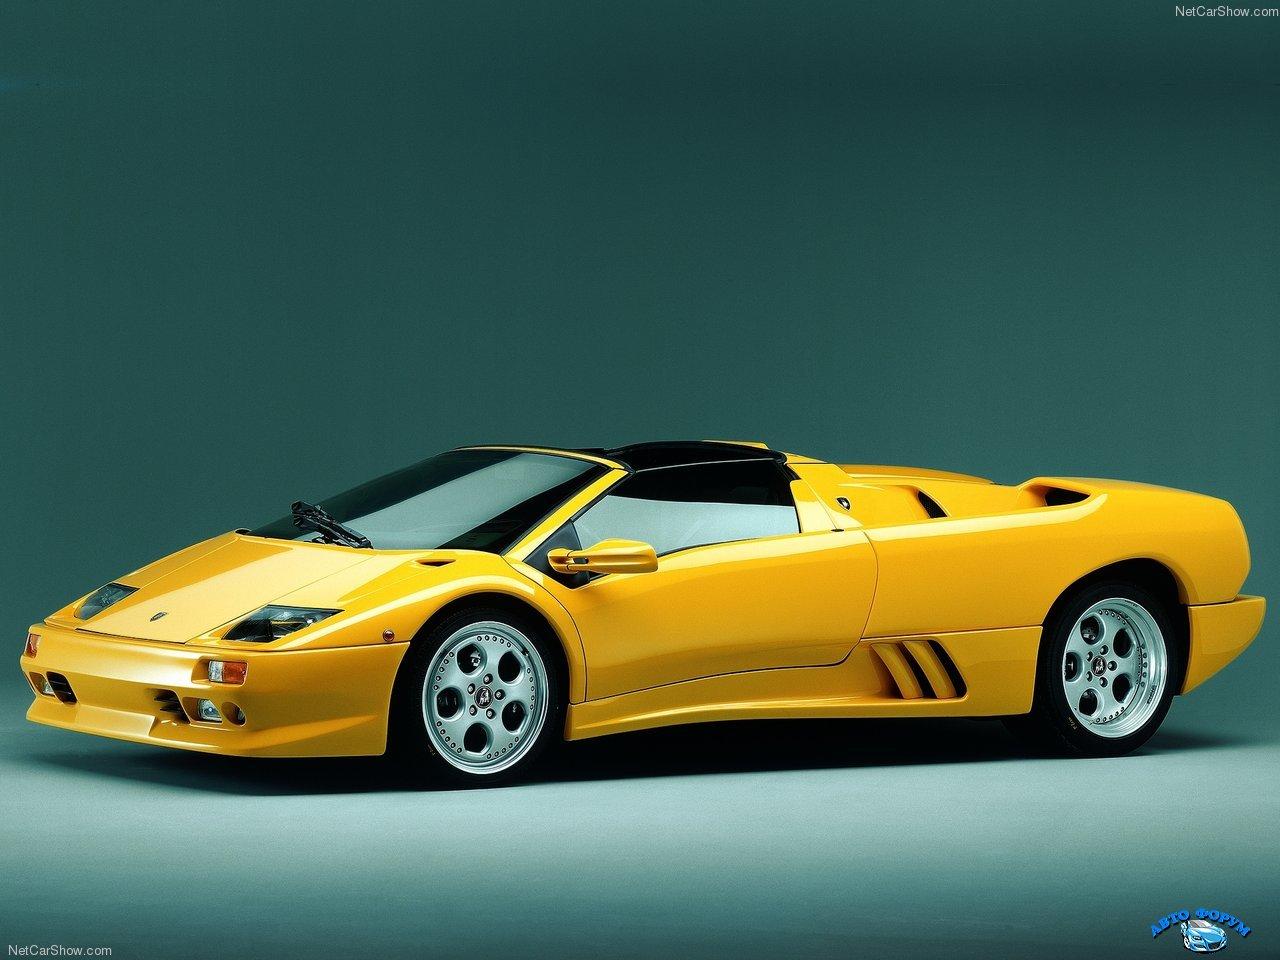 Lamborghini-Diablo_Roadster_1996_1280x960_wallpaper_02.jpg